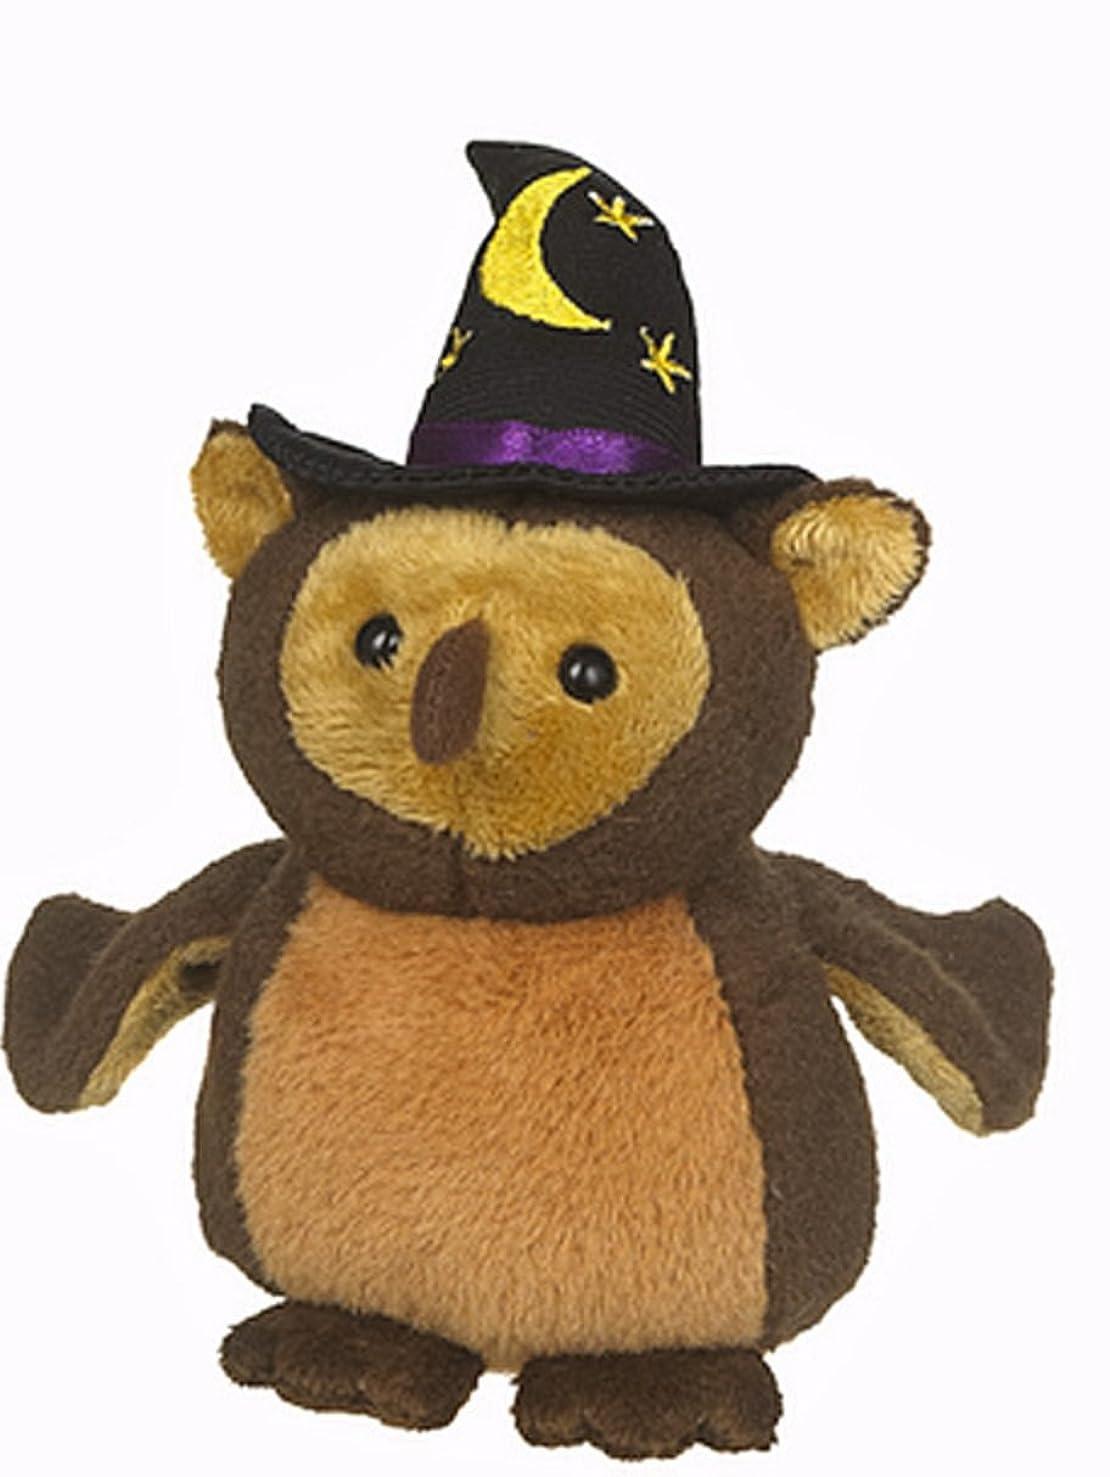 Soft Spots Wizard Hat Wearing Owl: Brown Owl w/Black Hat - By Ganz